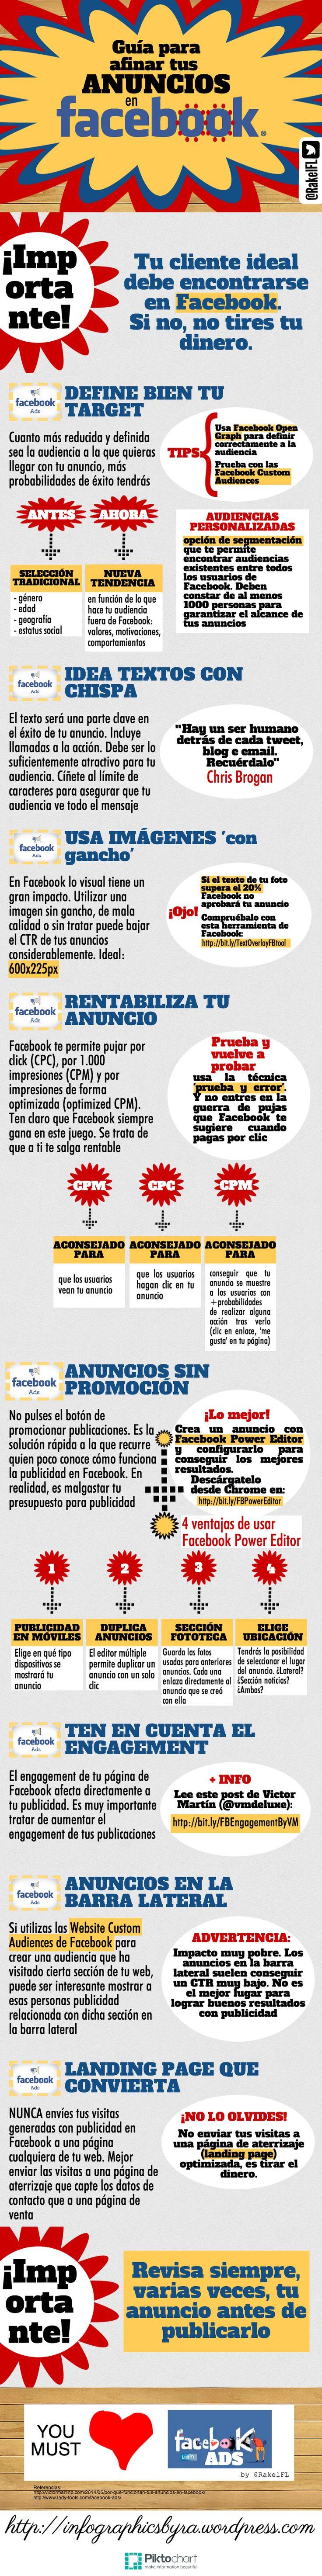 #Infografia #SocialMediaMarketing Guía para afinar tus anuncios de Facebook. #TAVnews